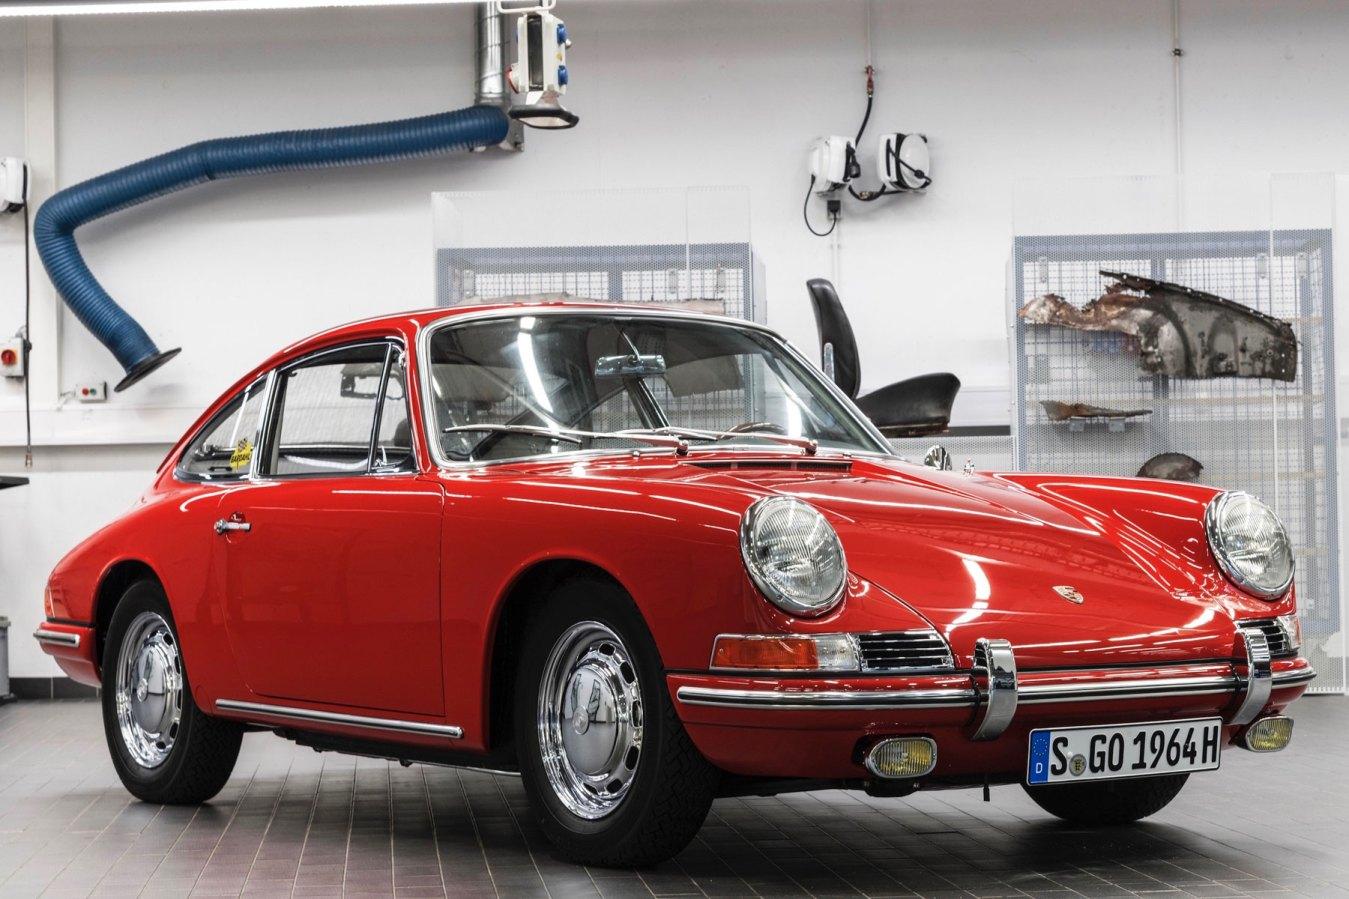 Porsche 901 restored